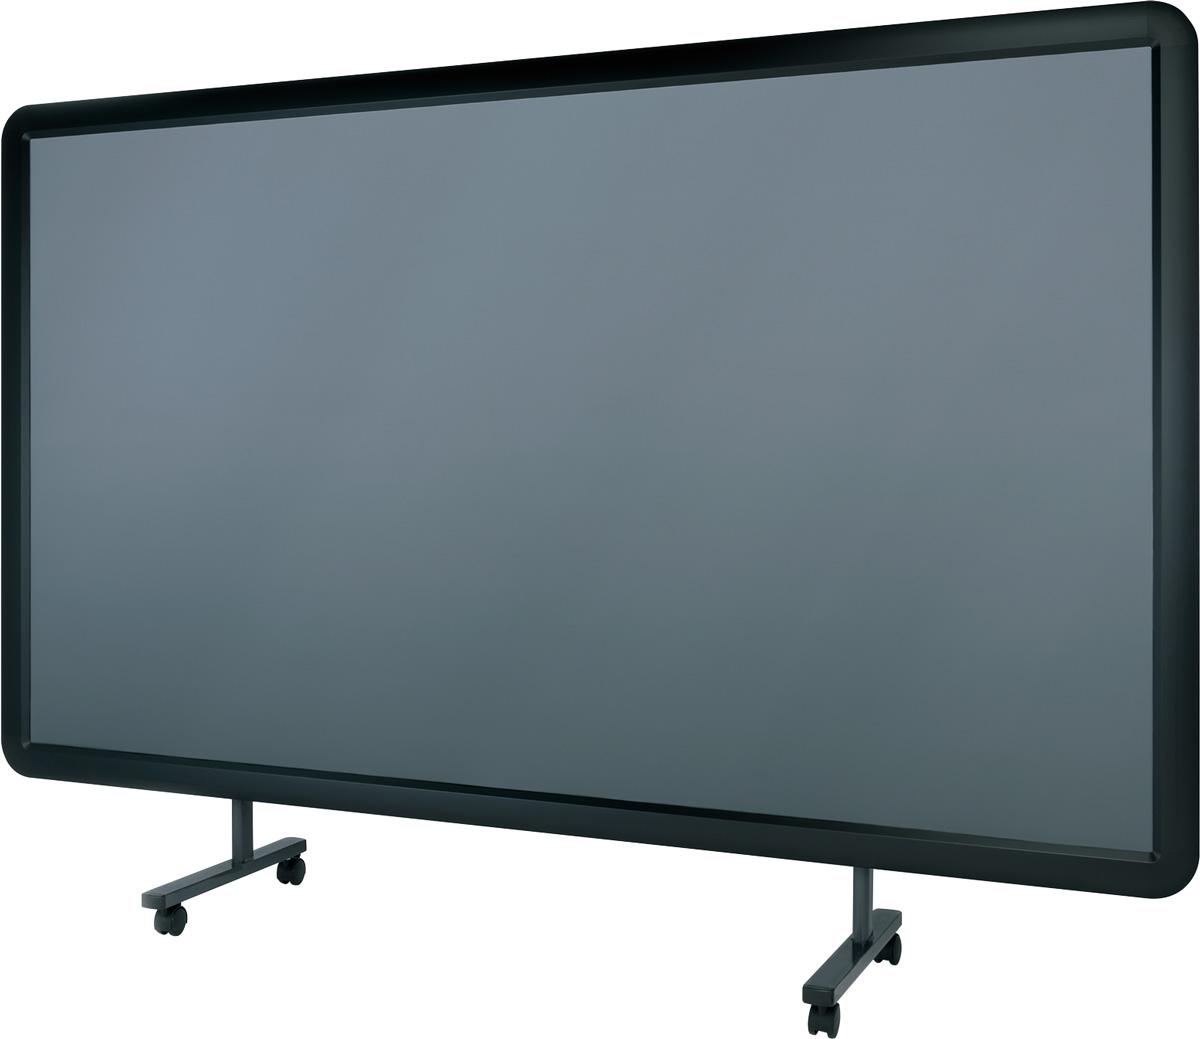 画像3: 大画面のキレイはスクリーンがポイント KIKUCHI「SPA-100HDUT」<ネット動画を夢の大画面で楽しむ>